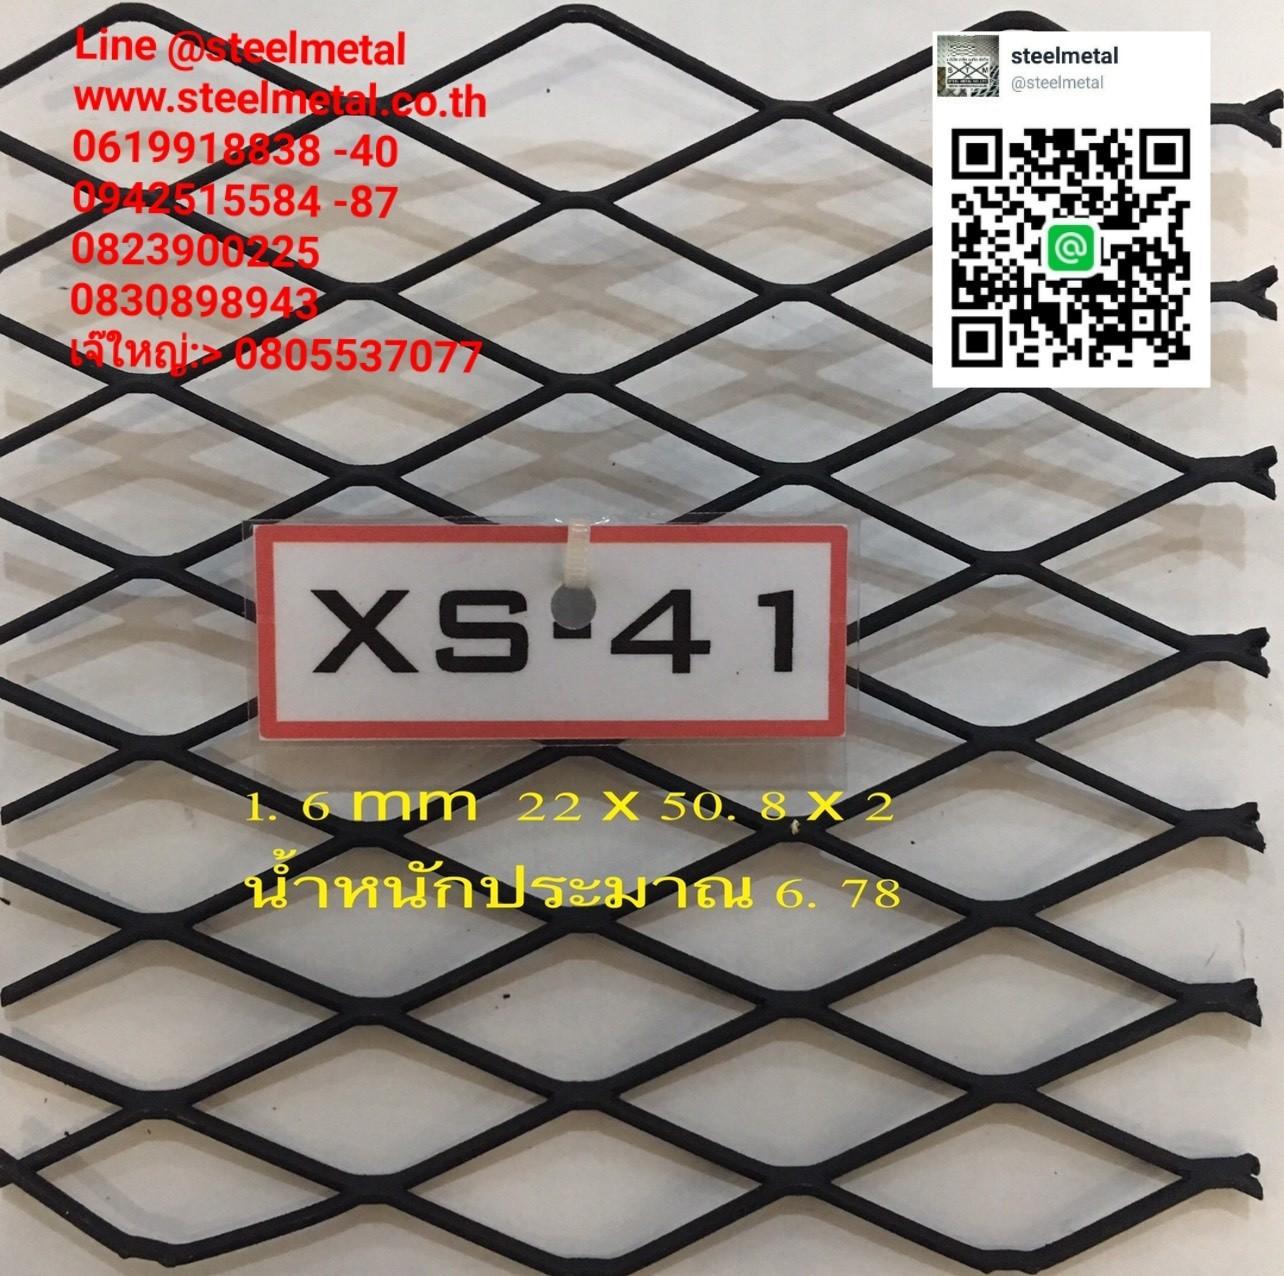 ตะแกรงเหล็กฉีกXS41